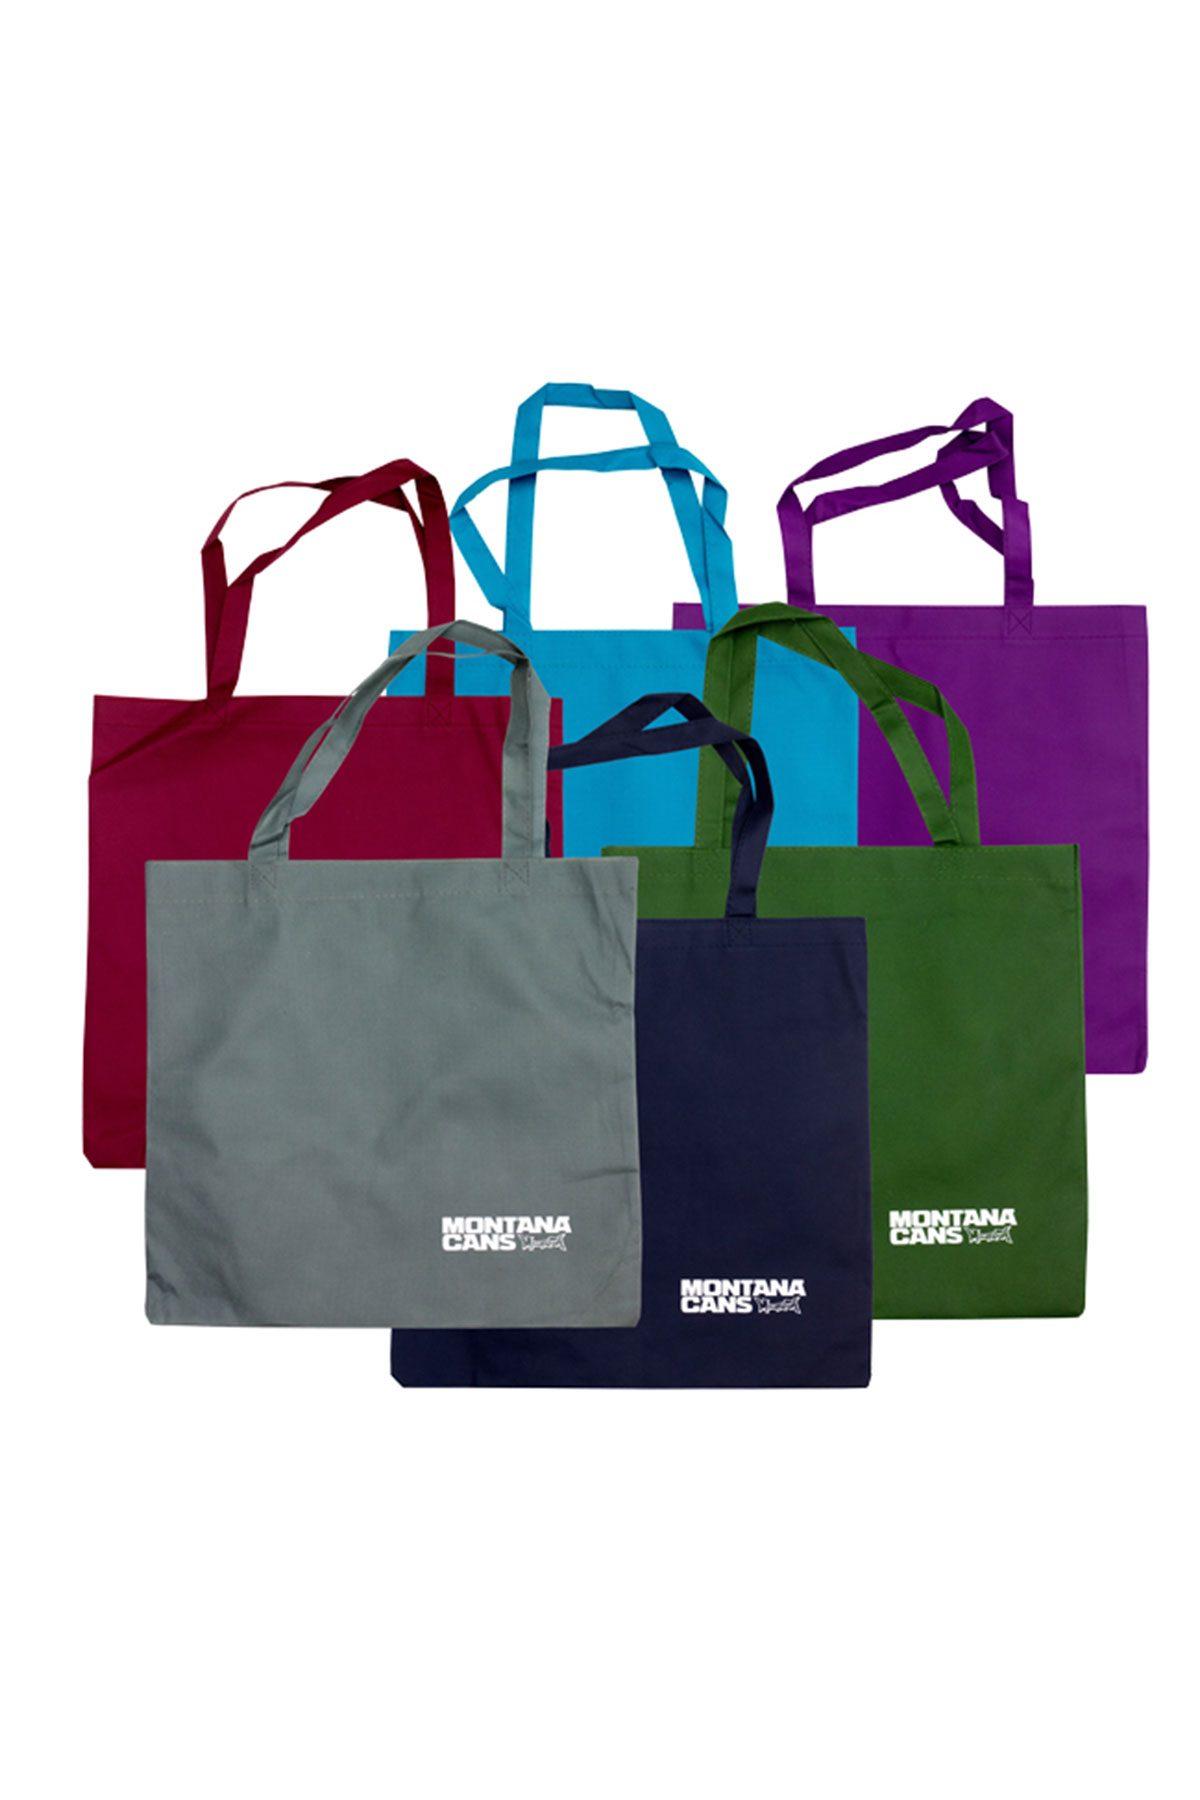 Montana PP Bag - Mixed Colors